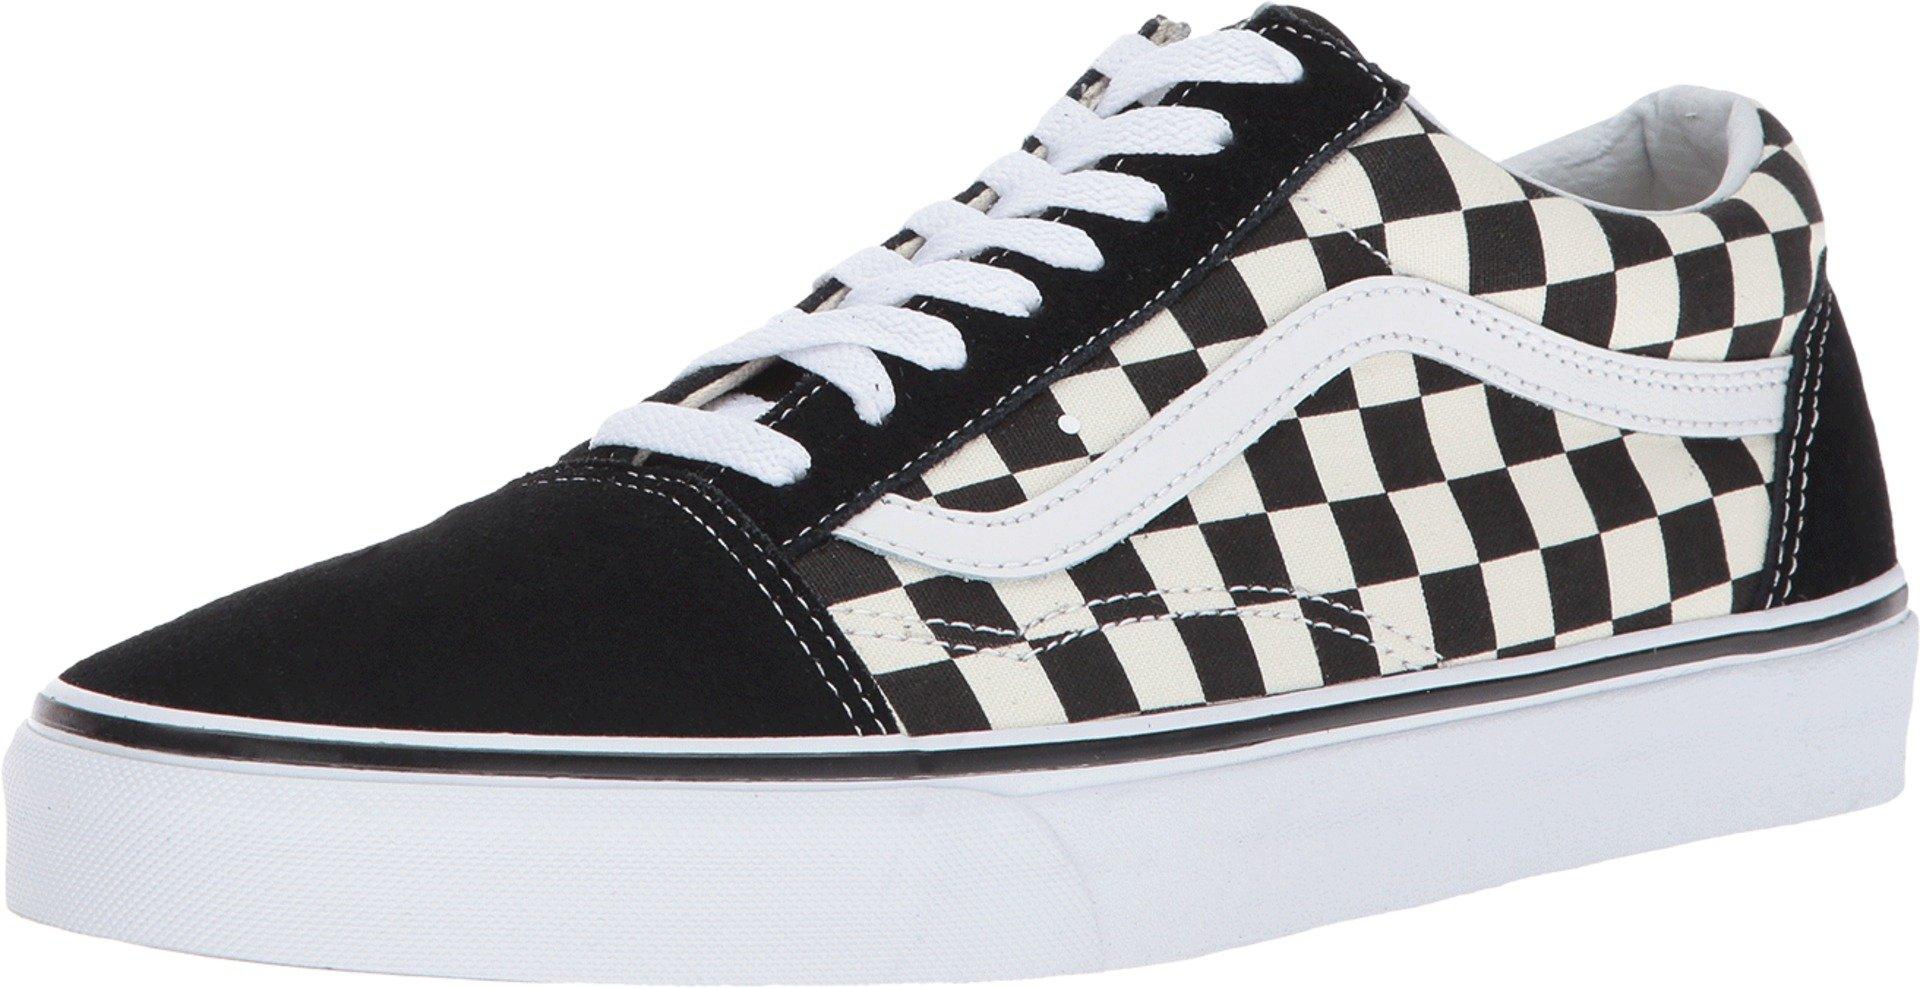 Vans Unisex Checkerboard Old Skool Lite Blk/White Checkerboard Slip-On - 3.5 by Vans (Image #1)